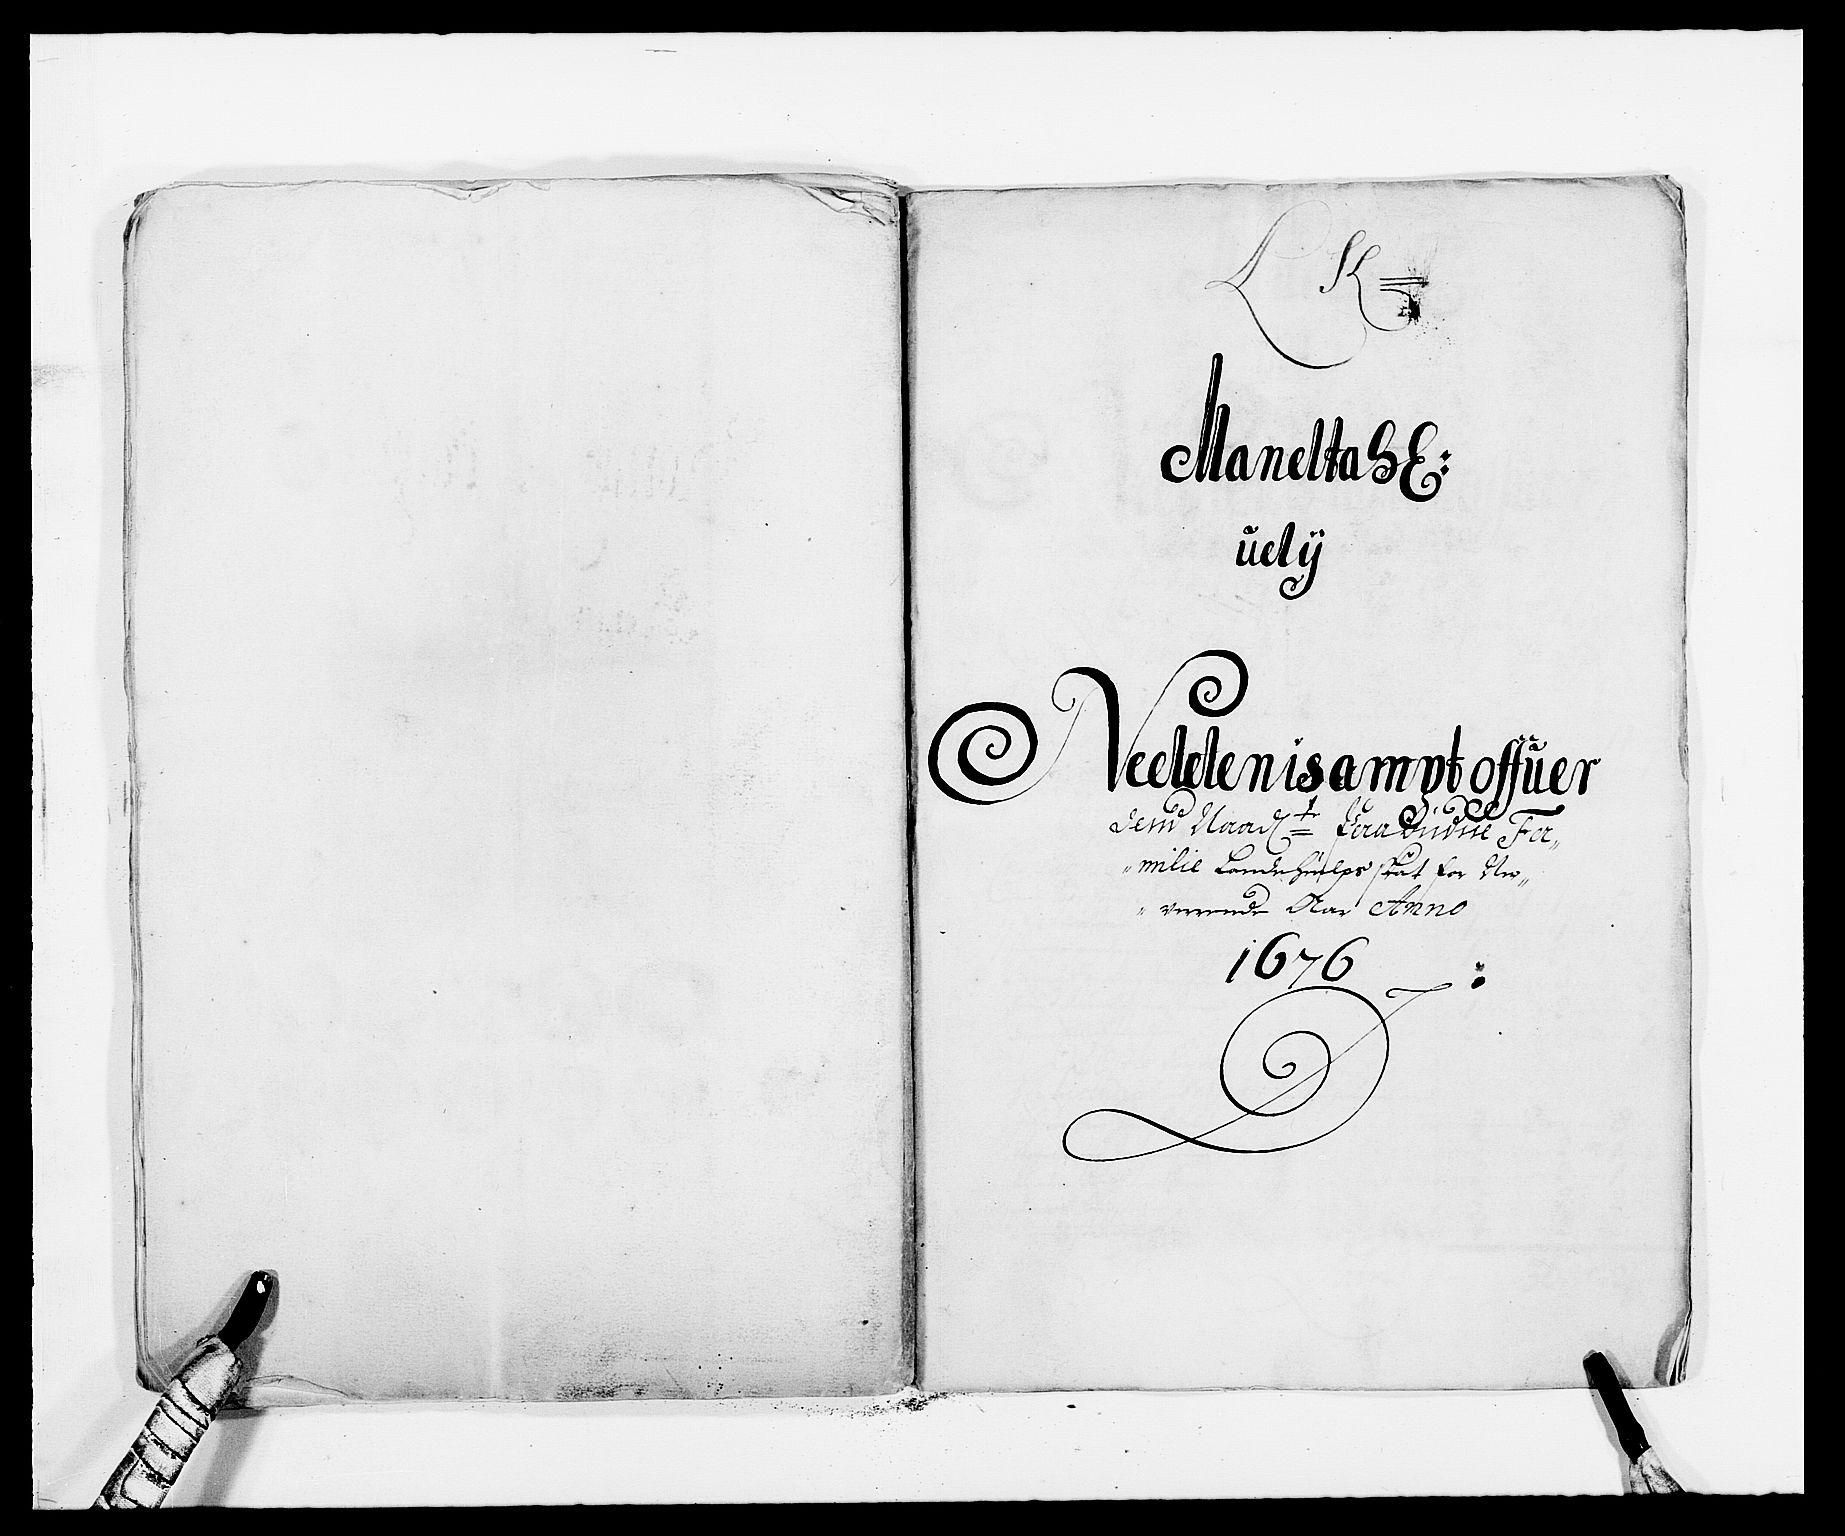 RA, Rentekammeret inntil 1814, Reviderte regnskaper, Fogderegnskap, R39/L2301: Fogderegnskap Nedenes, 1675-1676, s. 338